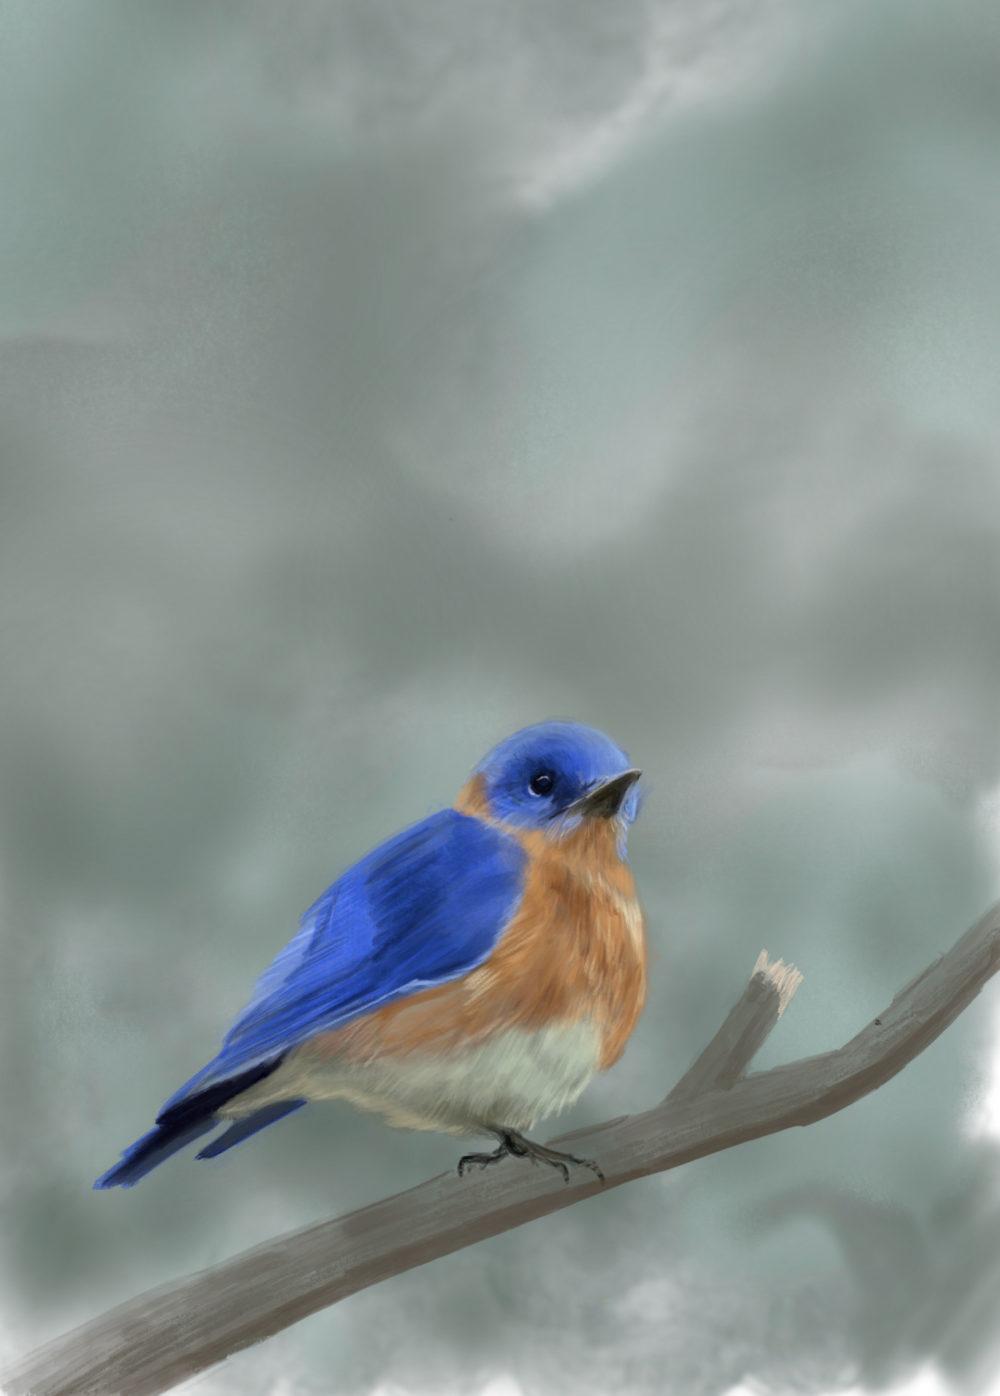 Illustration digitale d'un merle bleu sur une branche